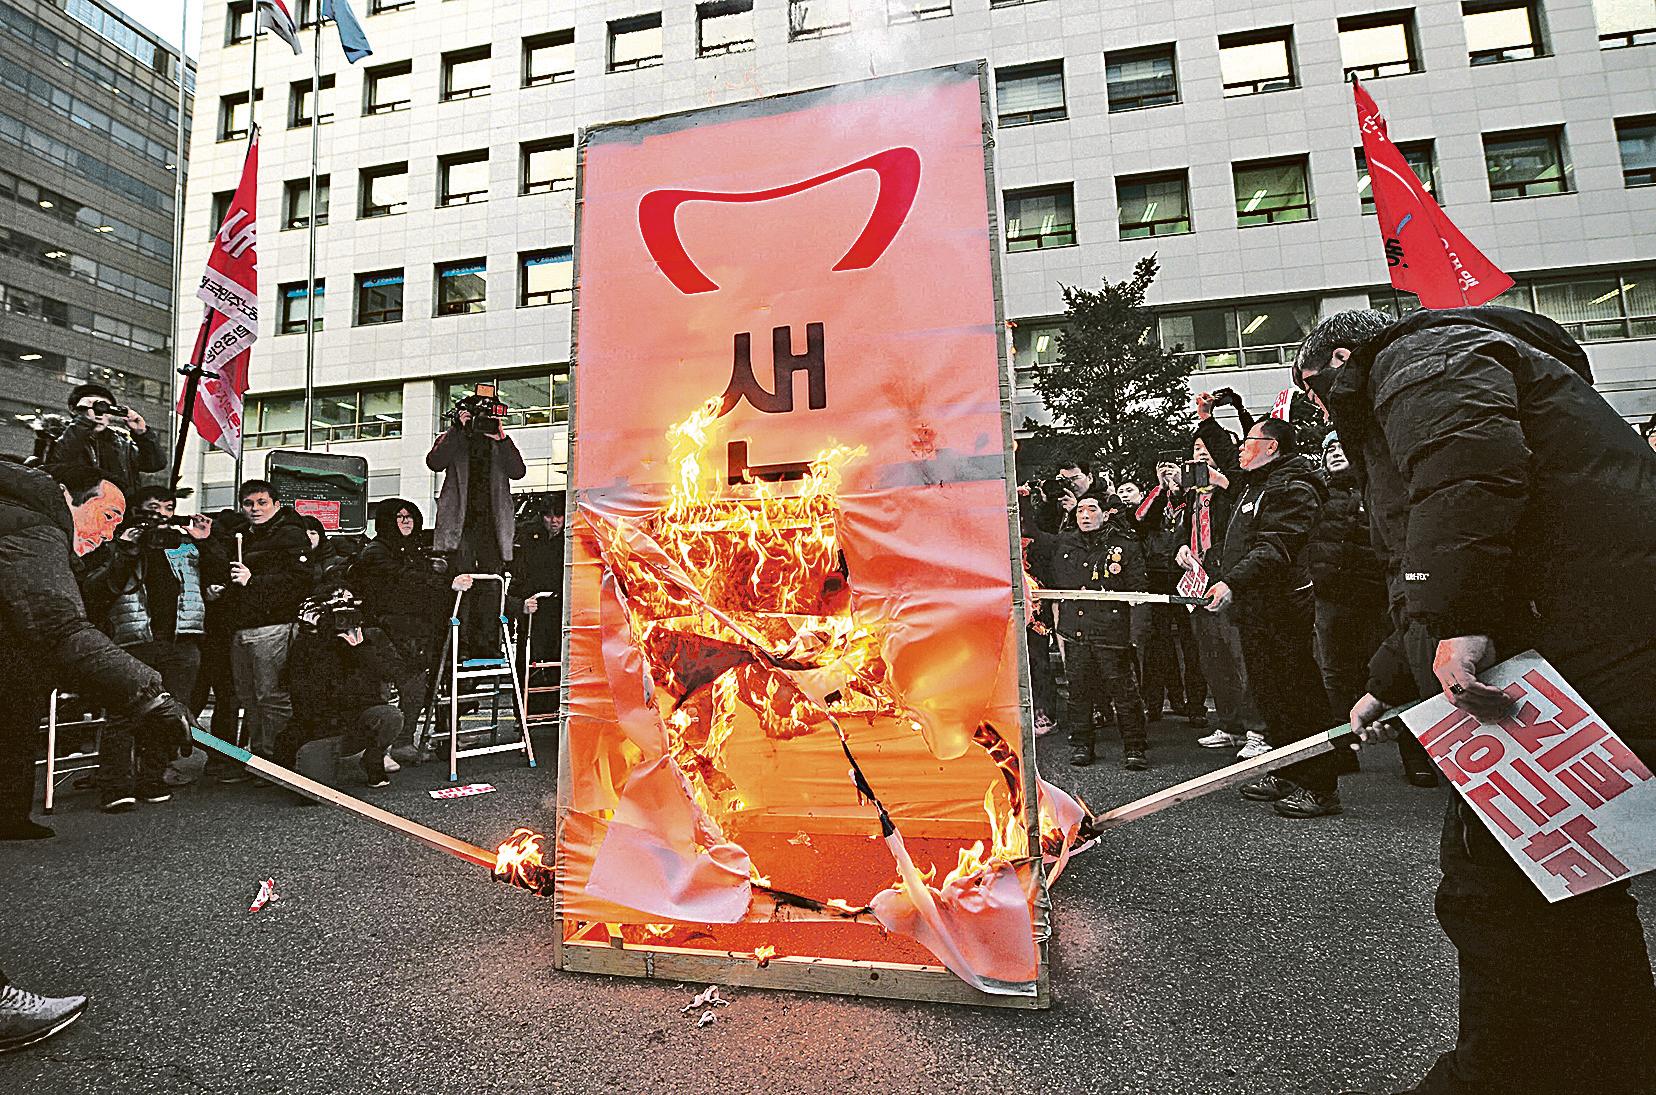 南韓5千名民眾,聯名向朴槿惠提出訴訟,指控朴的不法行為造成精神傷害,要求給予每人50萬韓圓的精神賠償。圖為南韓民眾抗議朴槿惠。(Getty Images)